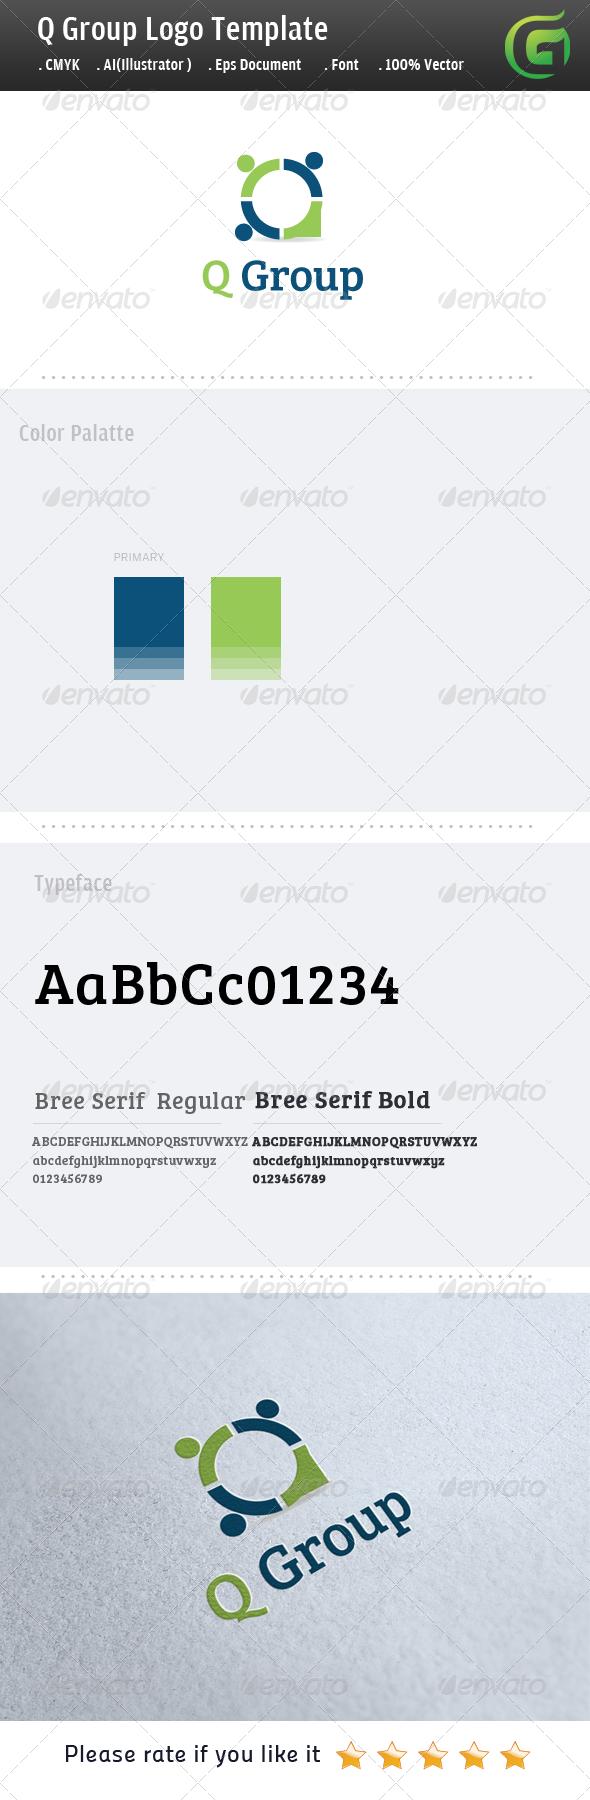 GraphicRiver Q Group Logo 5043509